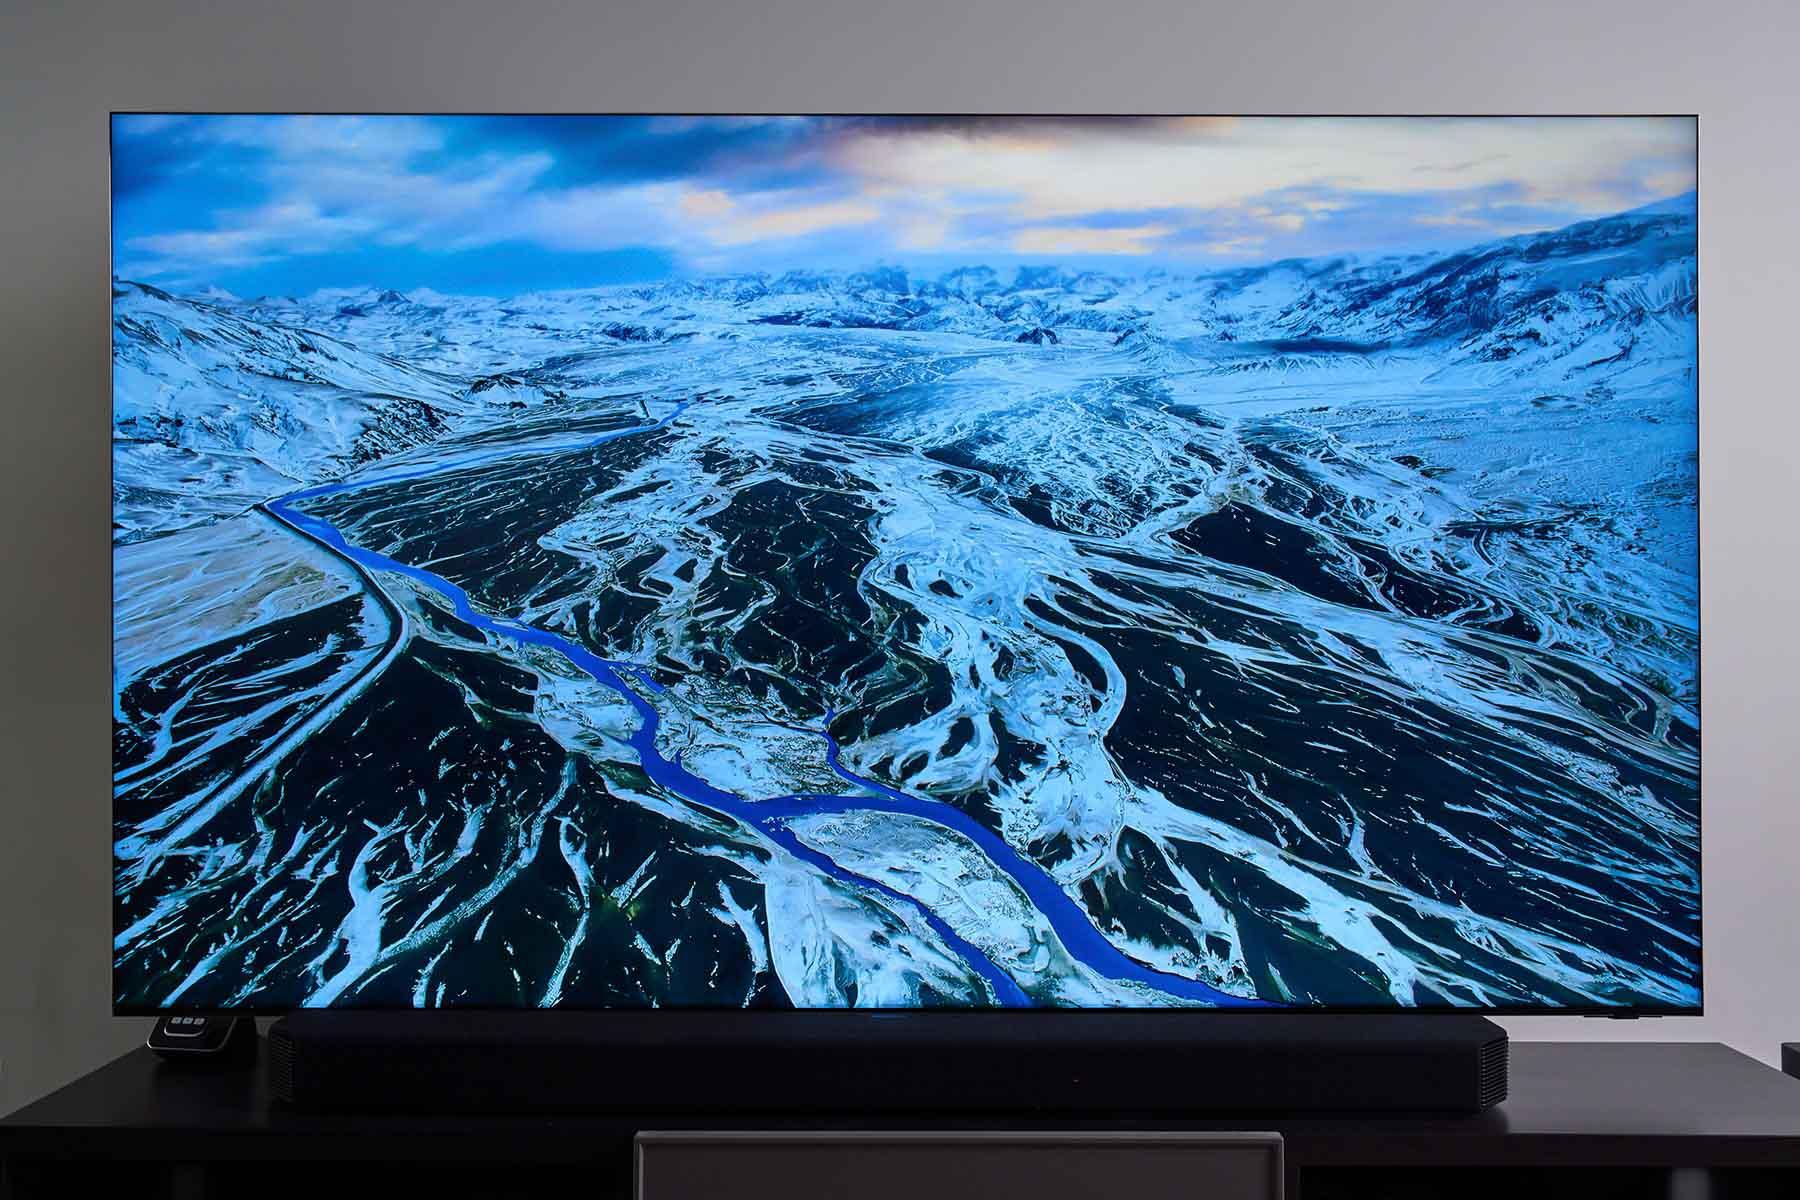 Neo QLED 8K 量子電視的螢幕採用了究極黑面板技術,透過光學折射原理,可避免外部環境光干擾,大幅減少畫面反光的問題。